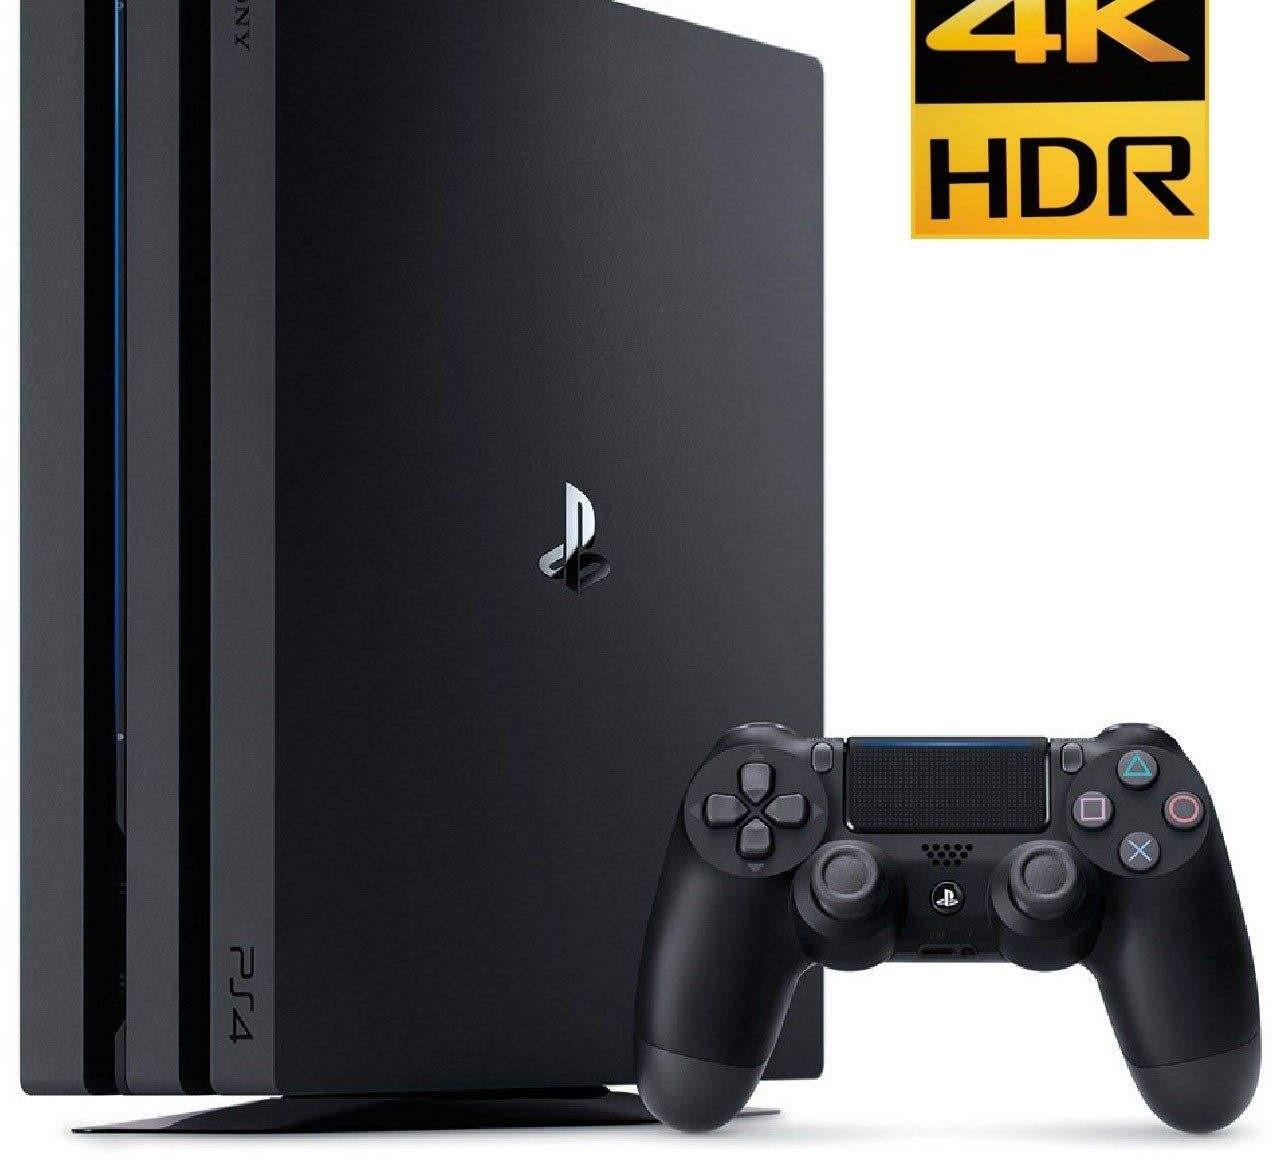 کنسول بازی سونی مدل Playstation 4 Pro ریجن 2 کد CUH-7216B ظرفیت 1 ترابایت